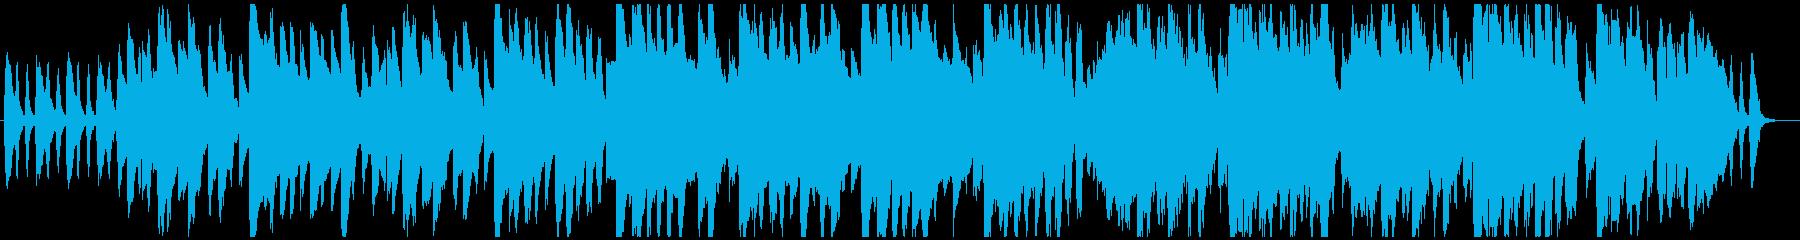 ゆったりとしたファンタジー系ワルツ曲の再生済みの波形